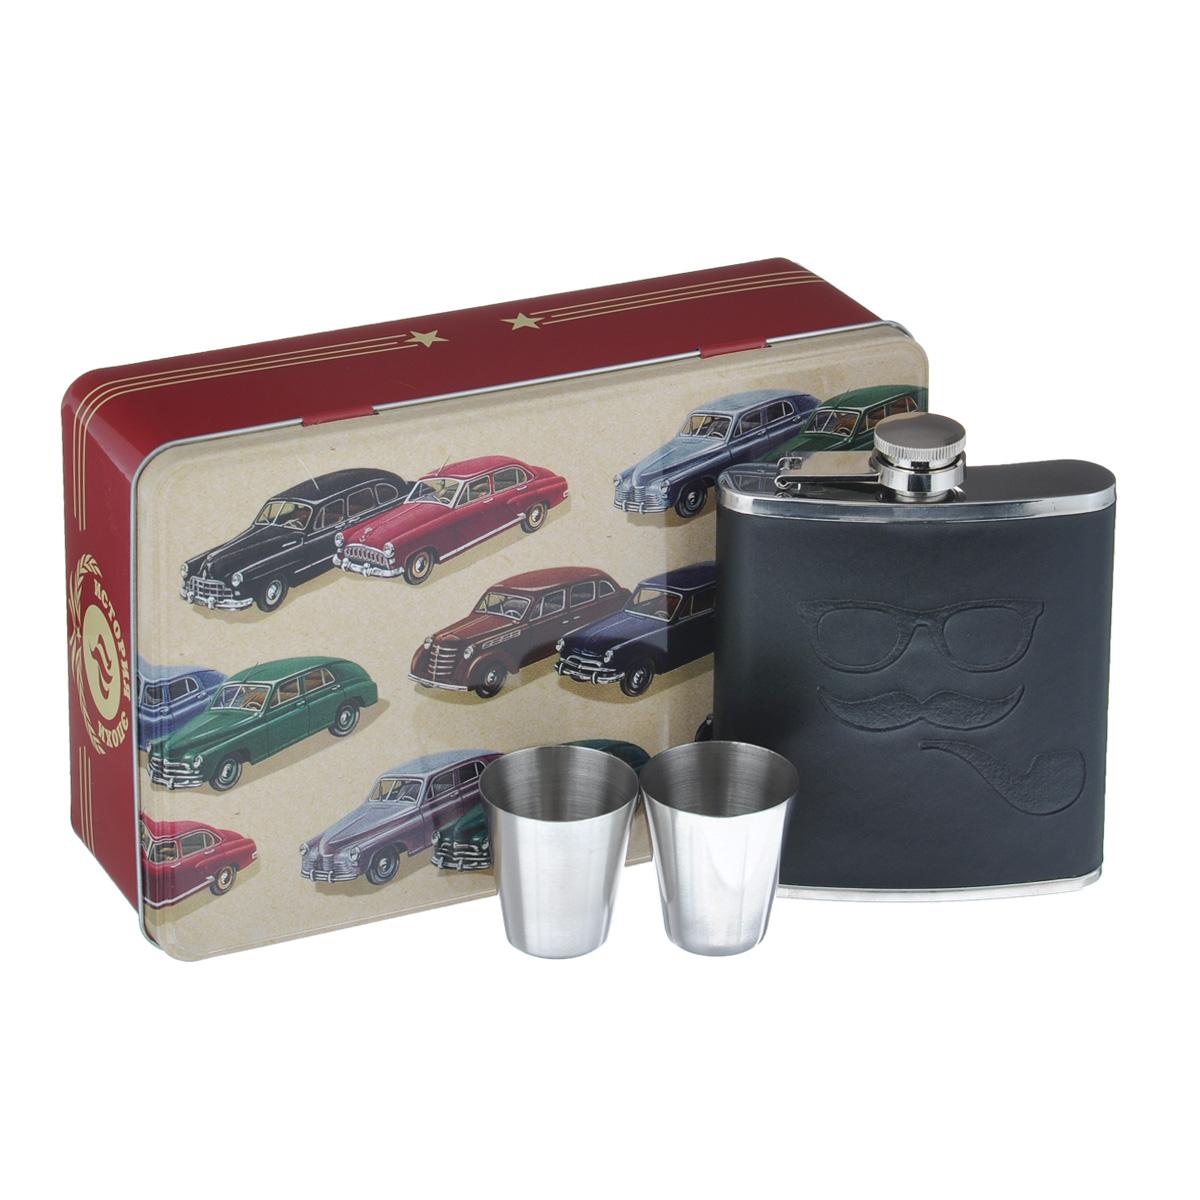 Набор подарочный Феникс-презент Автомобили, 3 предмета набор подарочный феникс презент 40683